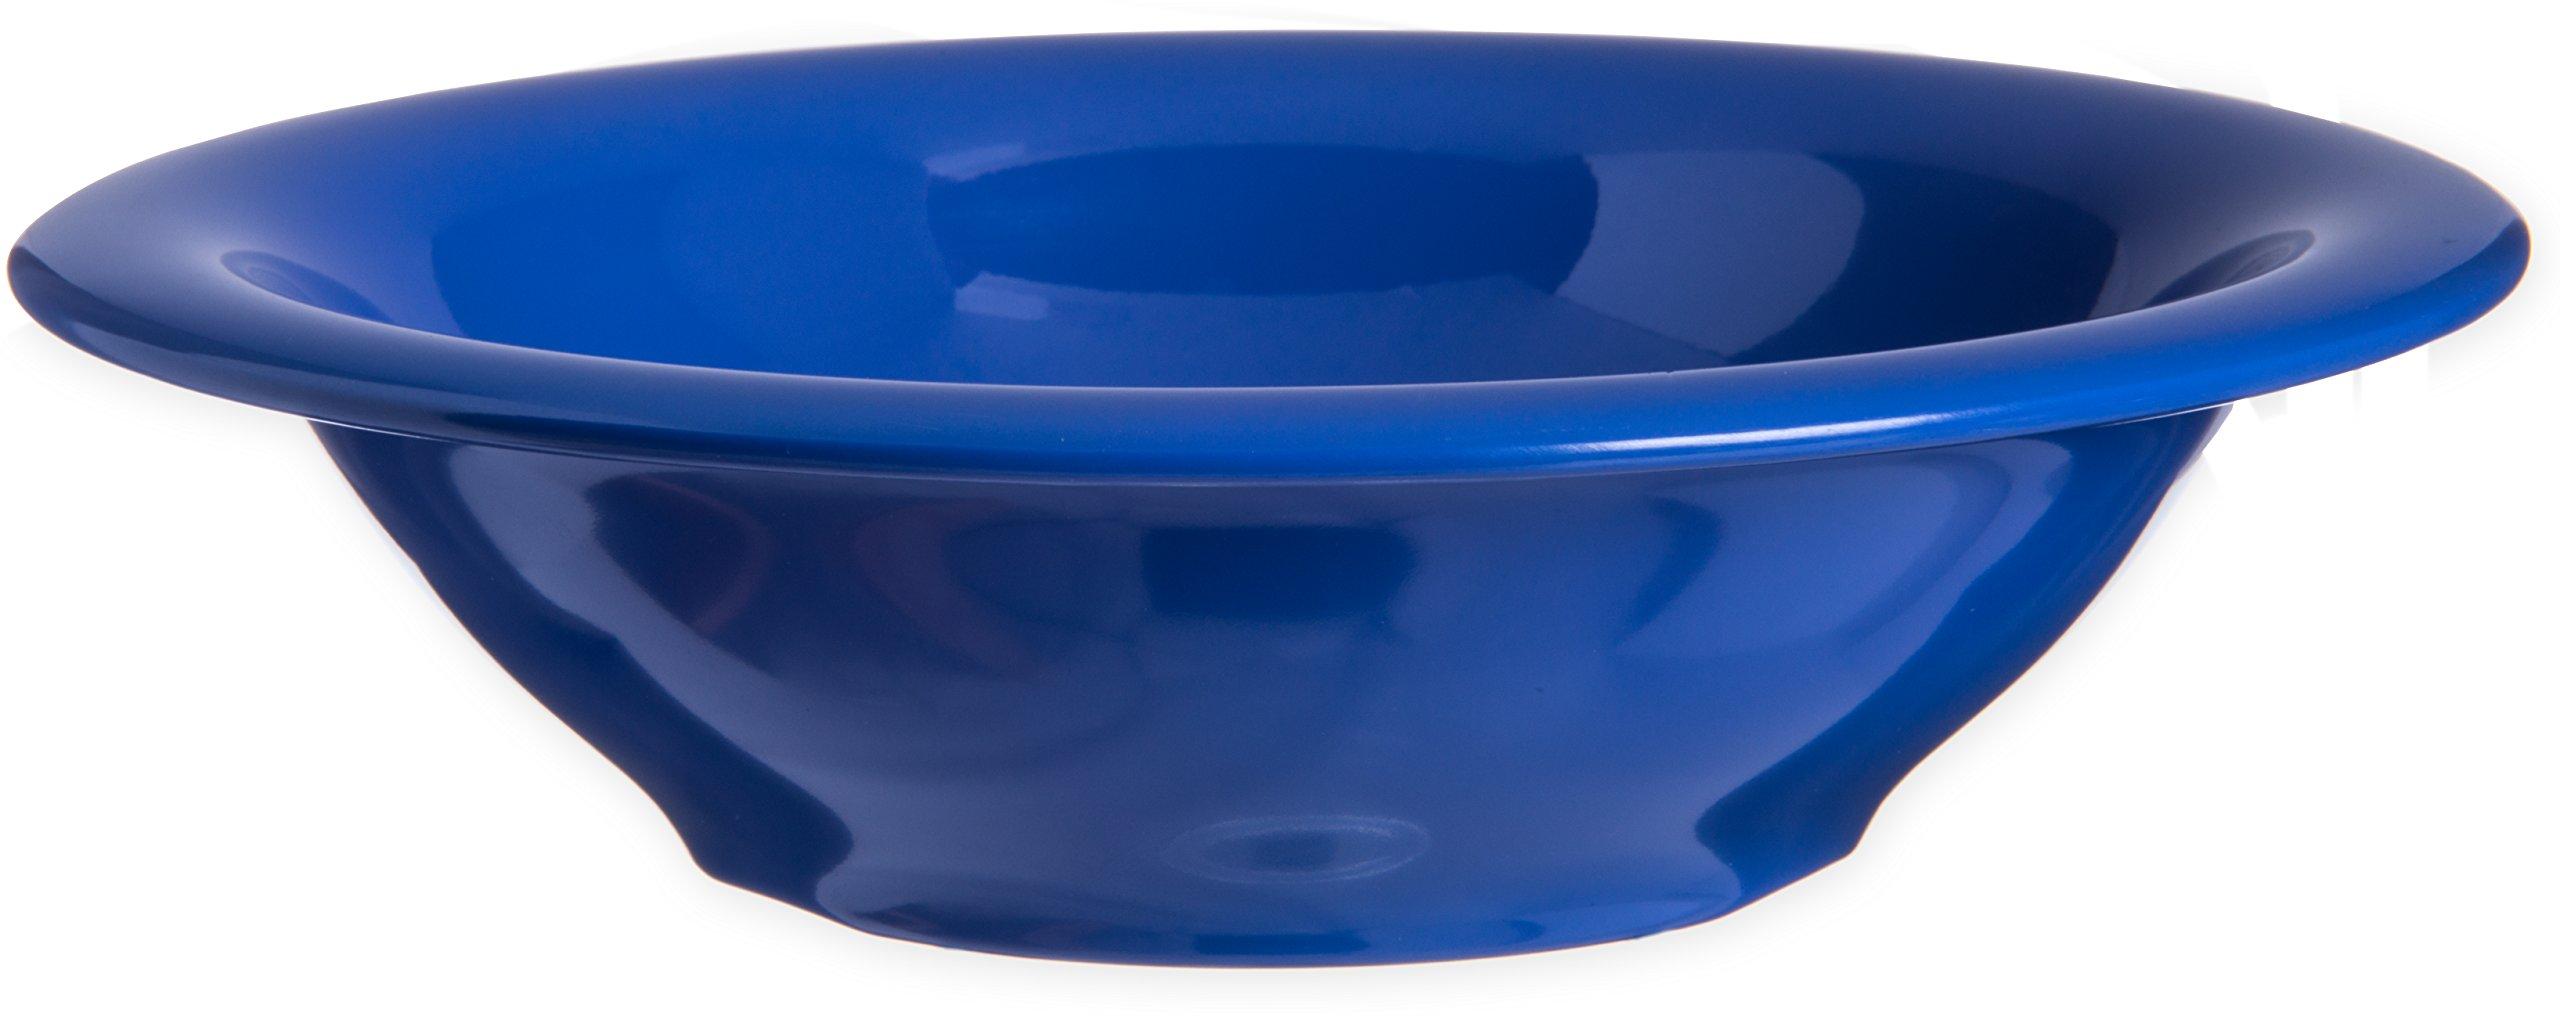 Carlisle 4303614 Durus Rimmed Melamine Bowl, 13 Oz., Ocean Blue (Pack of 24)